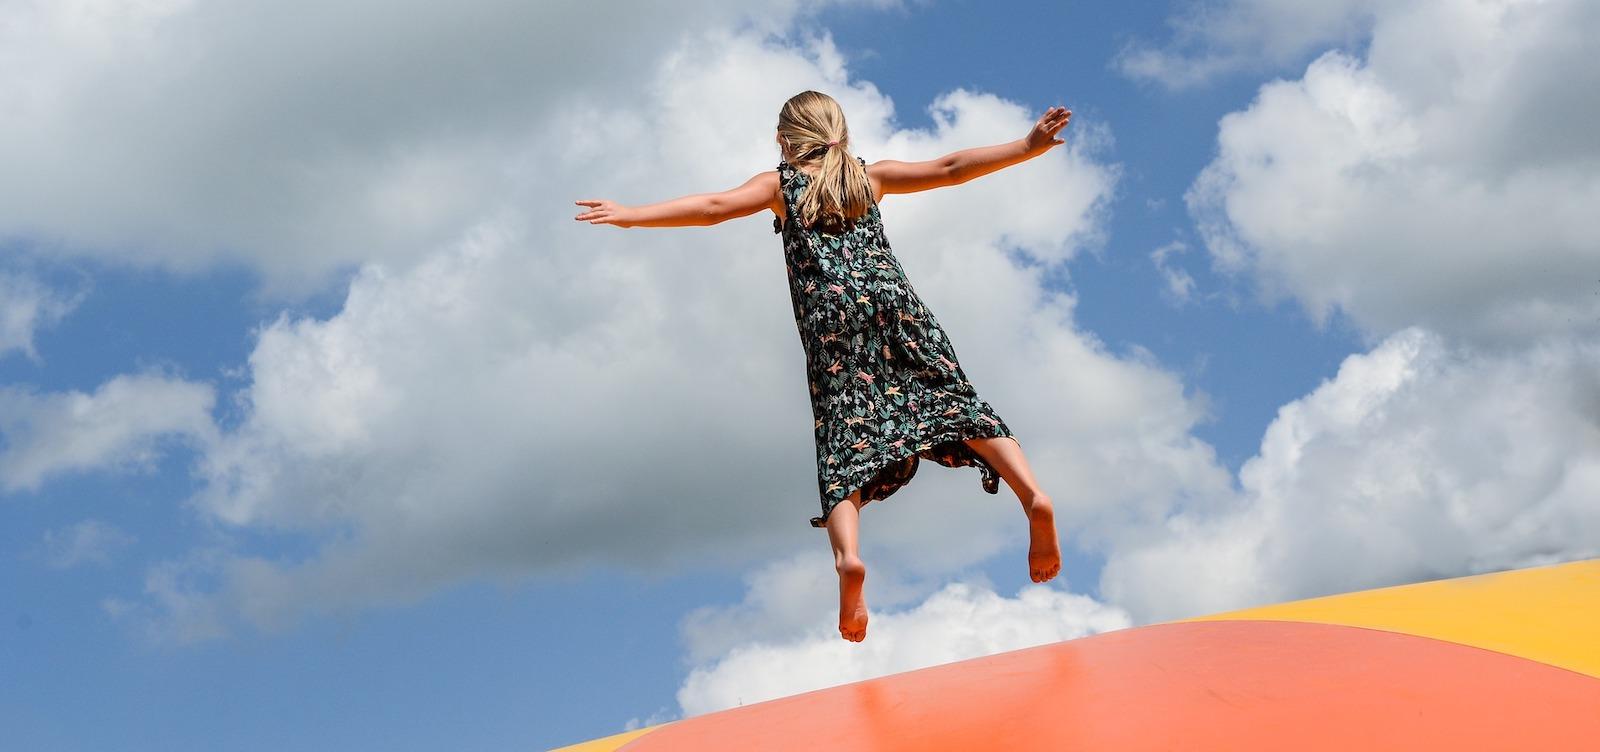 ROLLER trampoline park